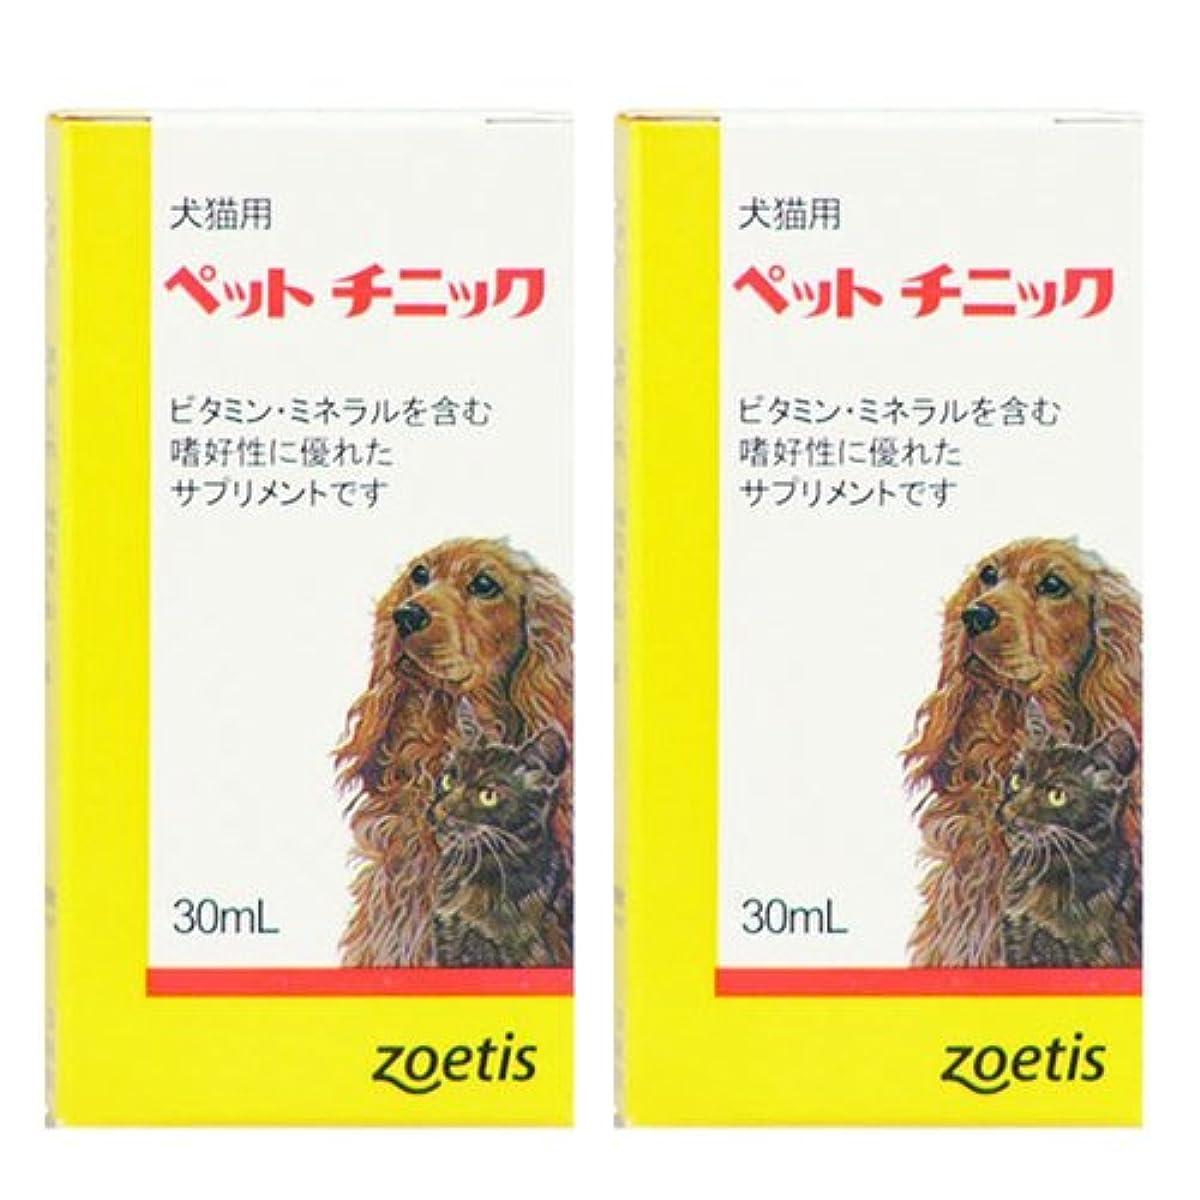 [해외] 반려동물 비타민보충제 고양이 강아지 펫티닉 30ml×2개